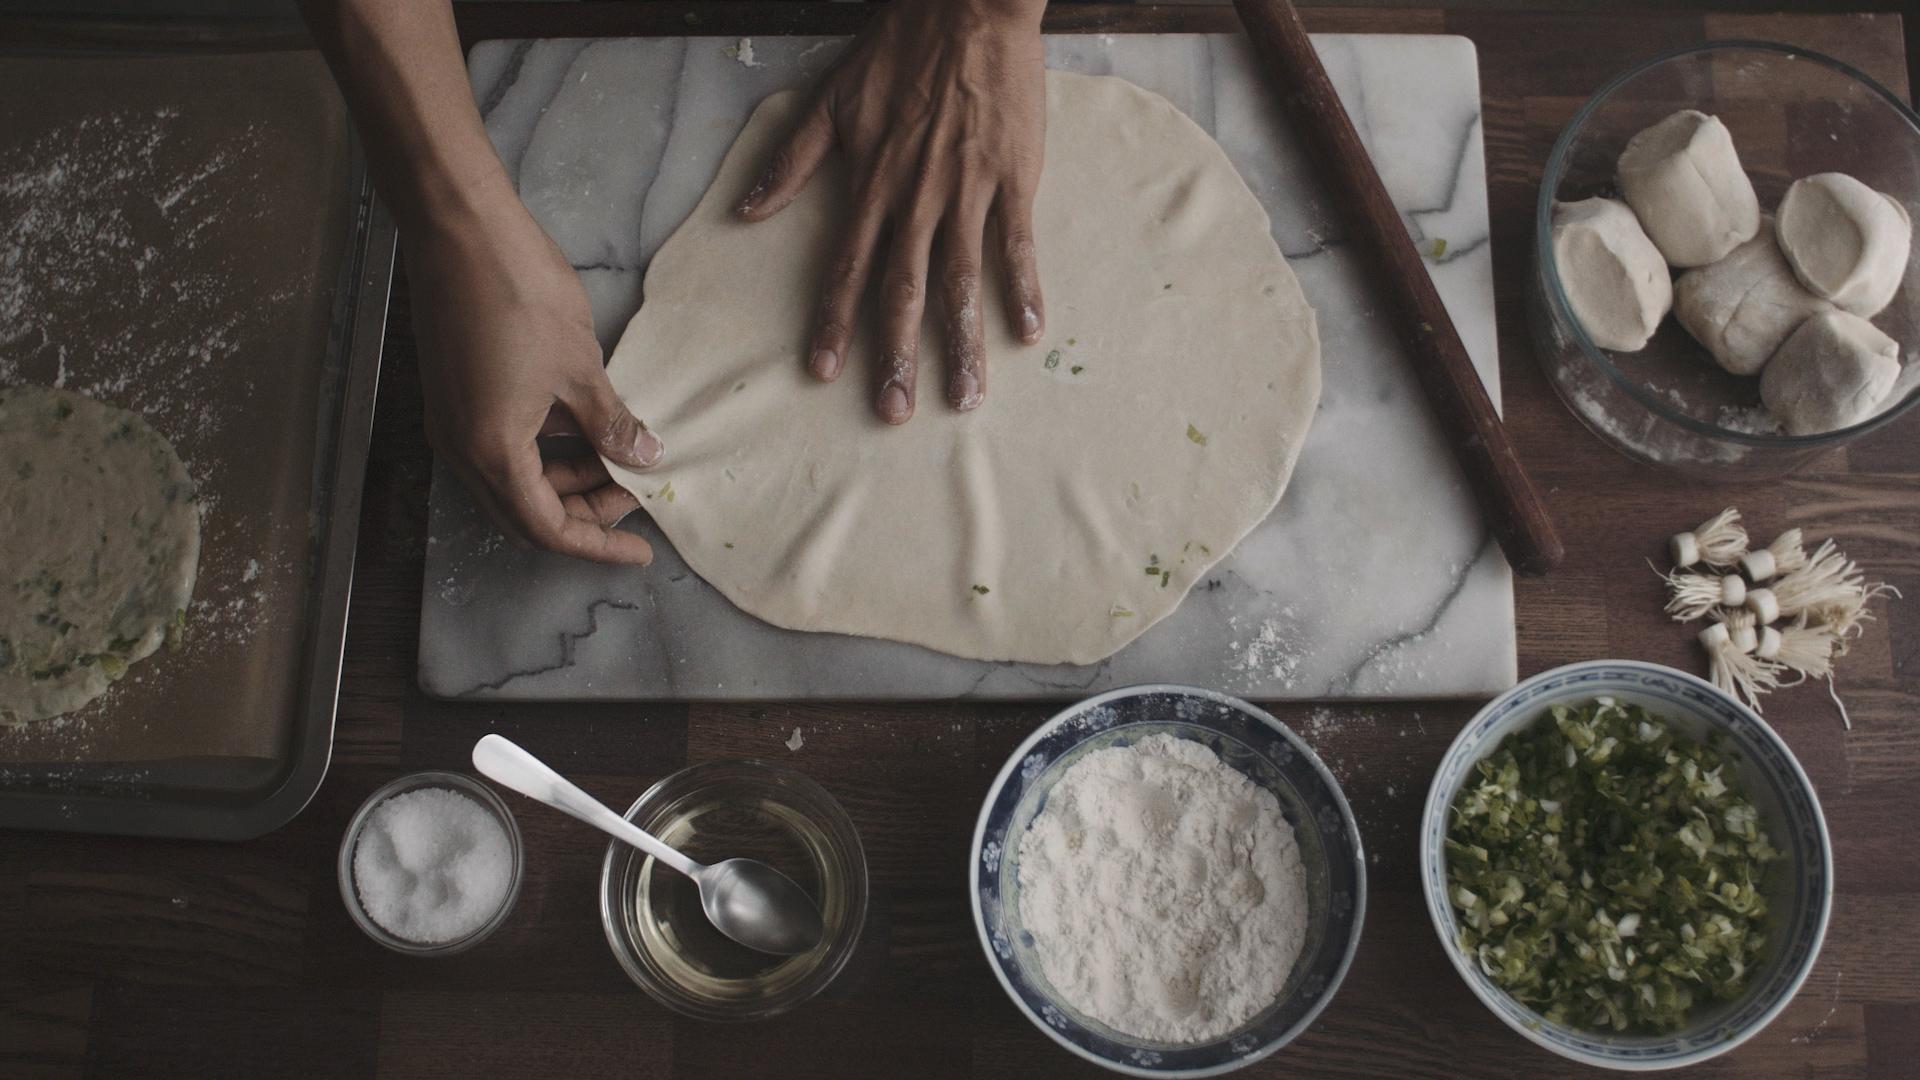 rolling cakes.00_15_38_09.Still003.jpg